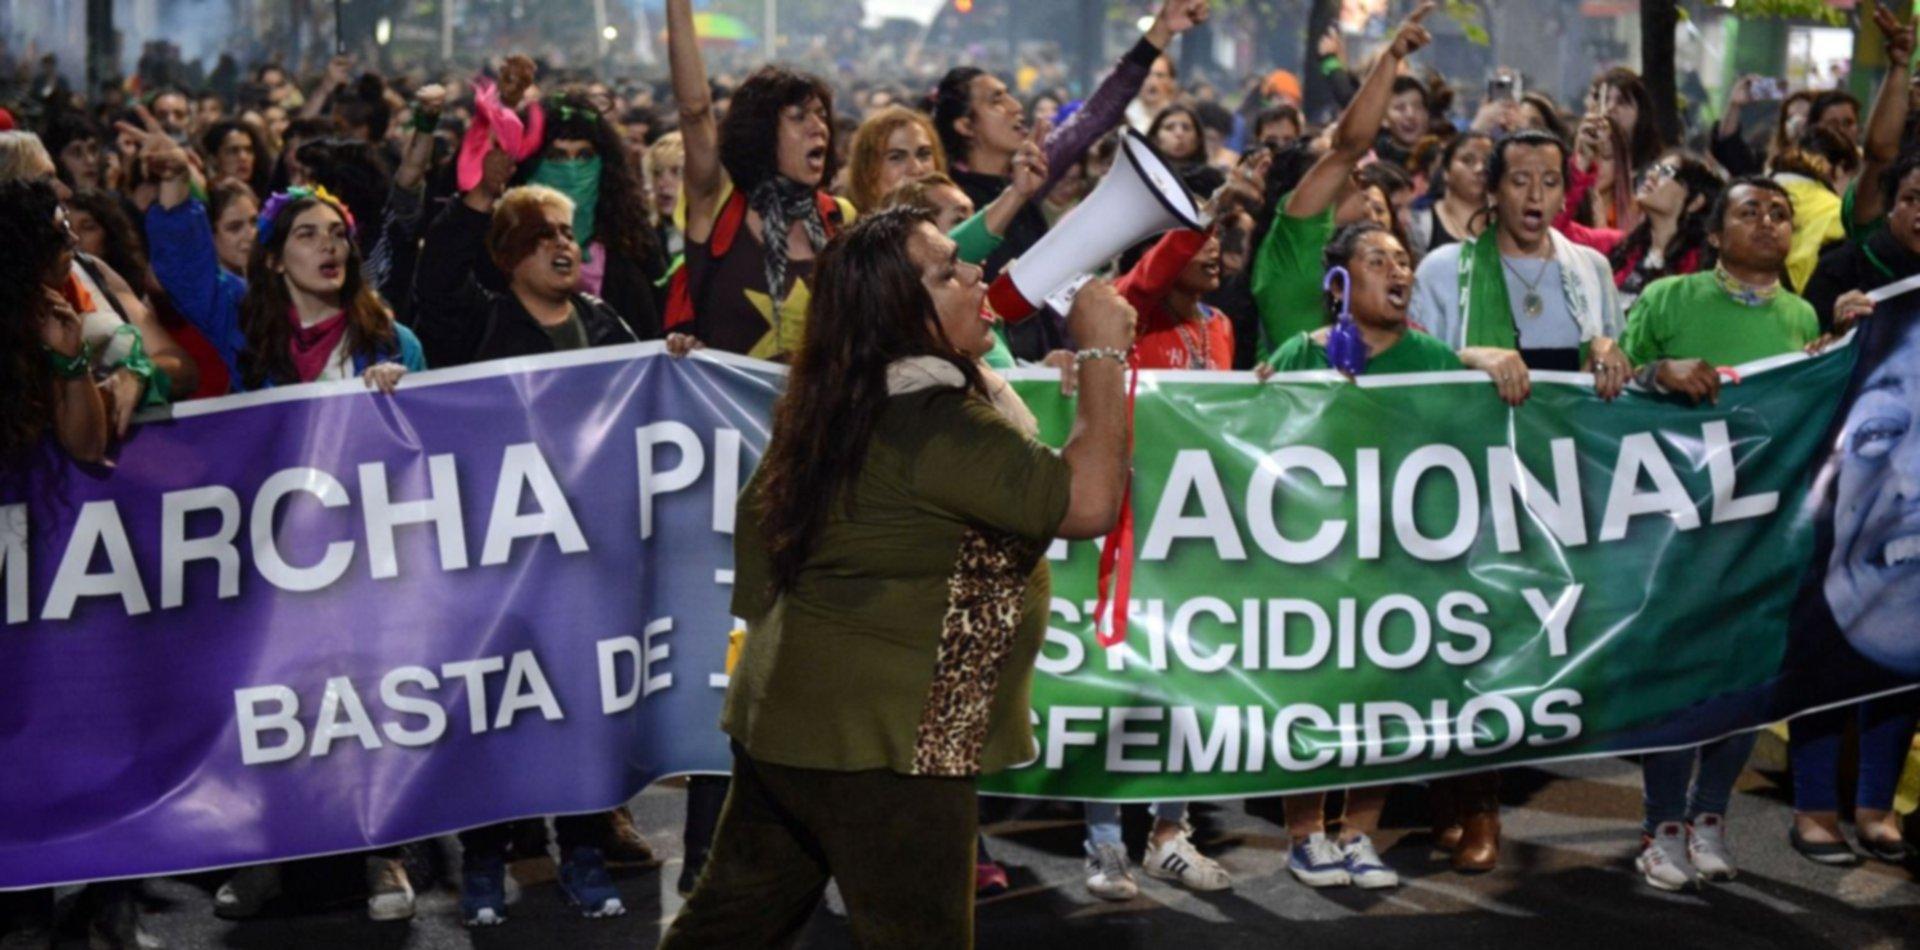 En una inmensa marcha, el Encuentro le dijo basta a los travesticidios y transfemicidios